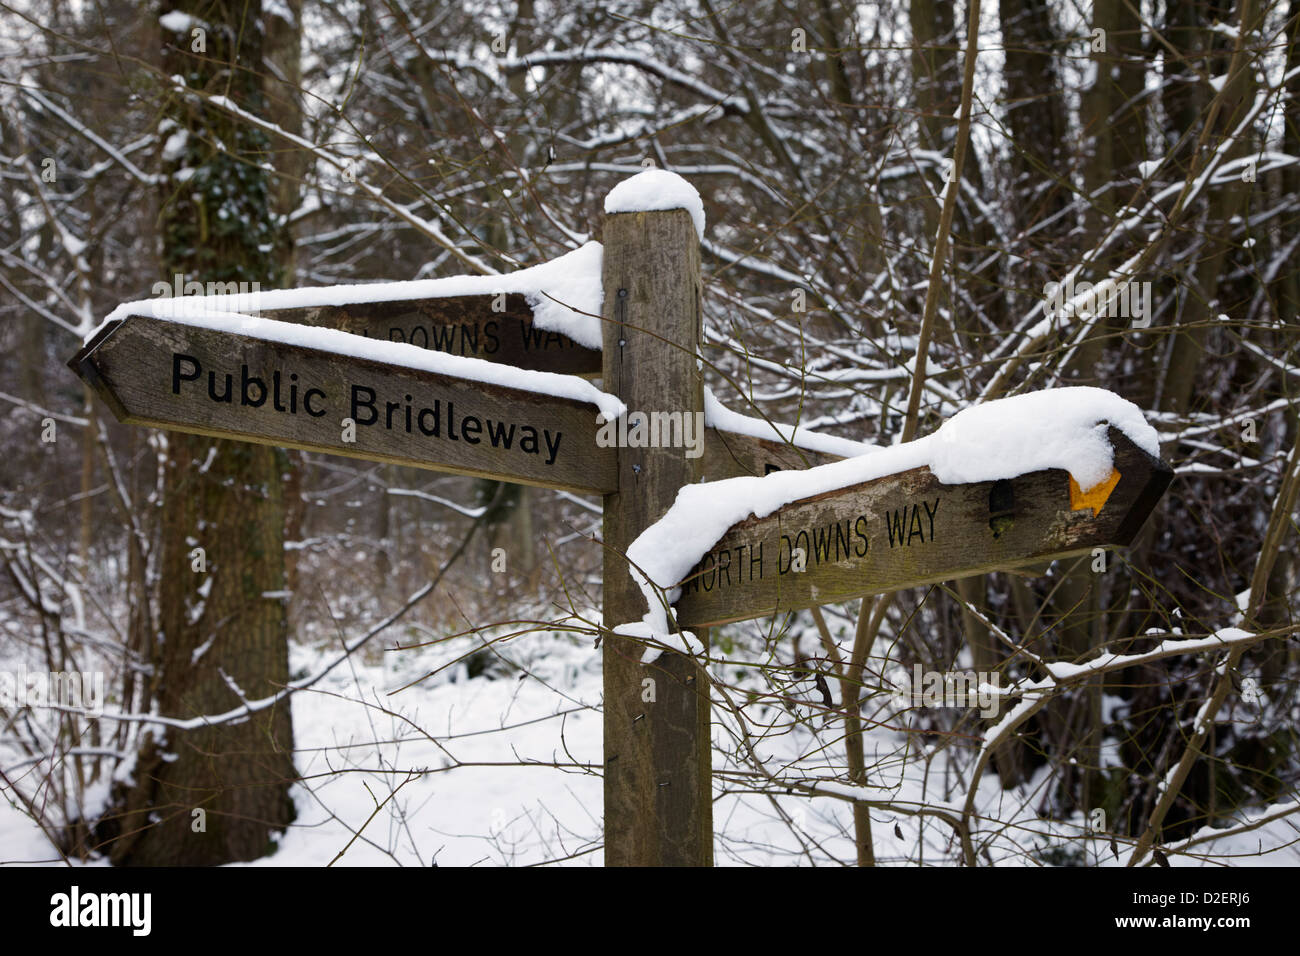 North Downs Way Wegweiser in Ashcombe Wood, in der Nähe von Dorking, Surrey, England. Stockbild